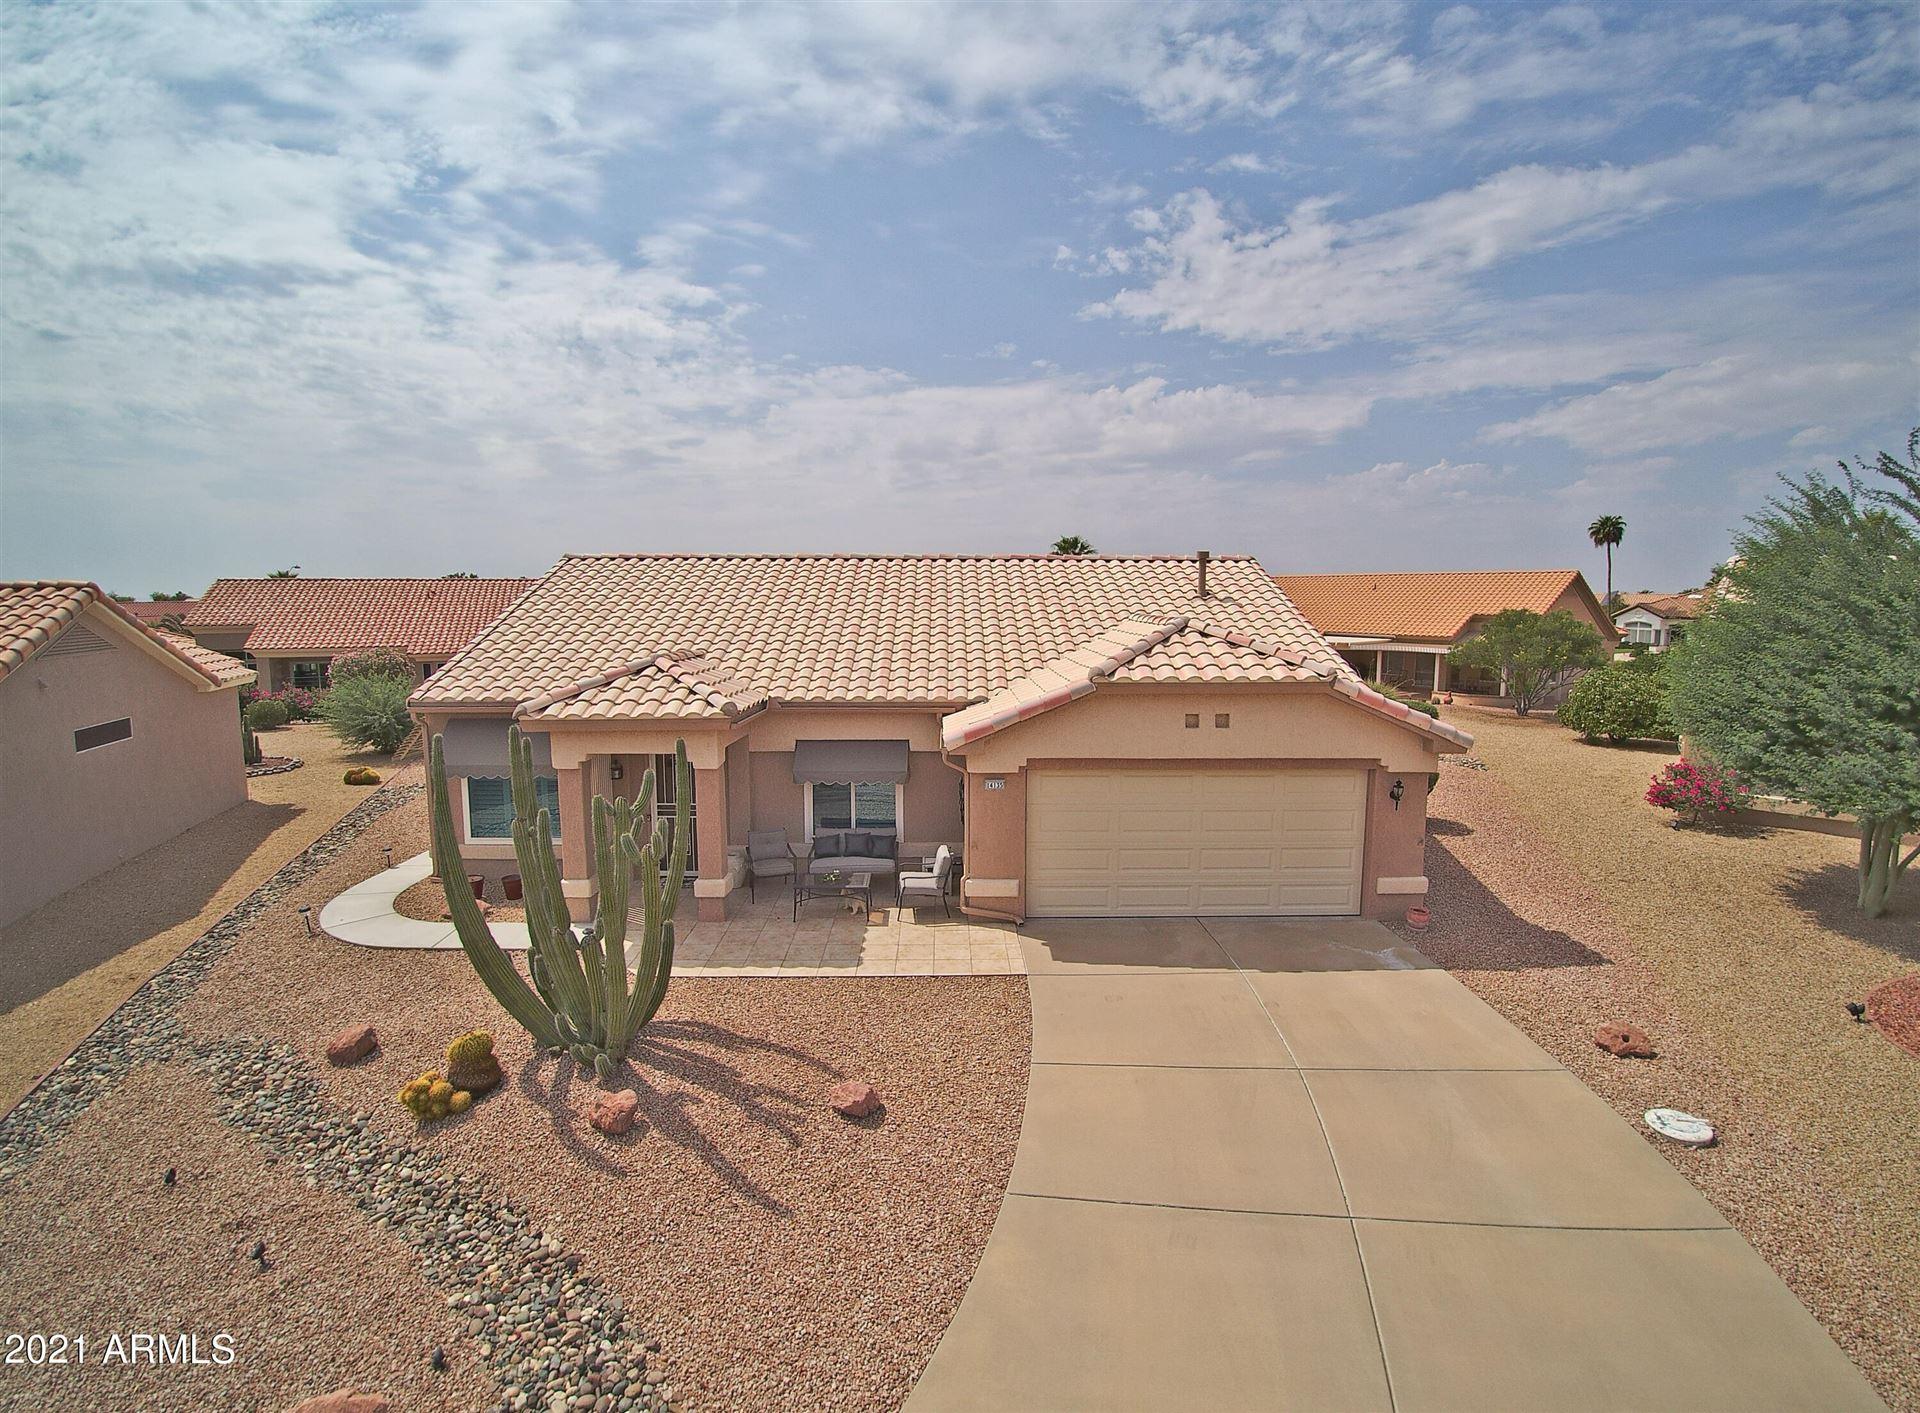 14135 W Tomahawk Way, Sun City West, AZ 85375 - MLS#: 6296097